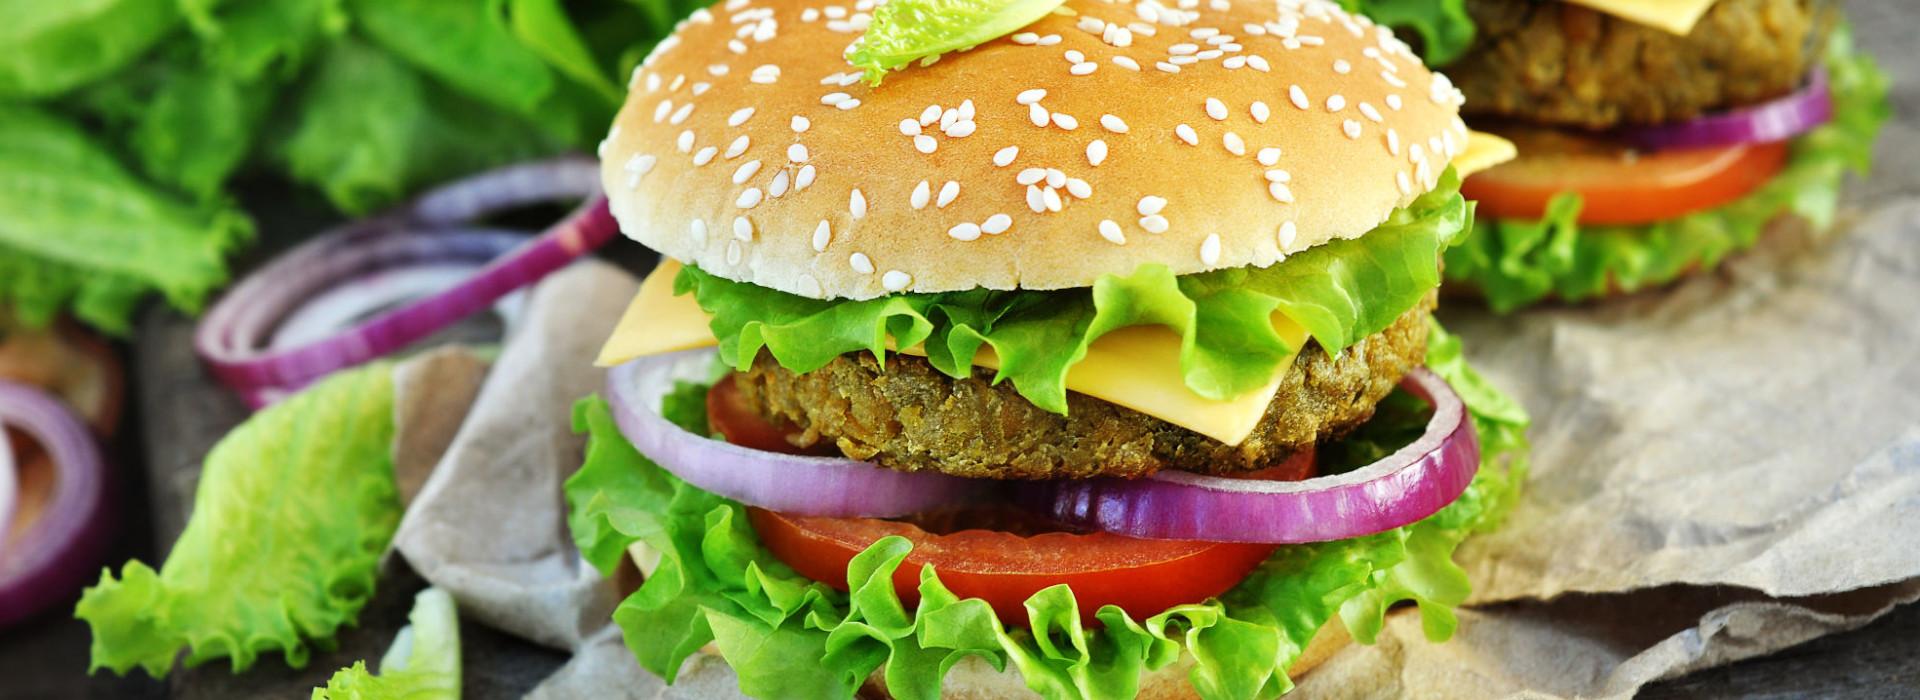 burger ban front page 1920x700